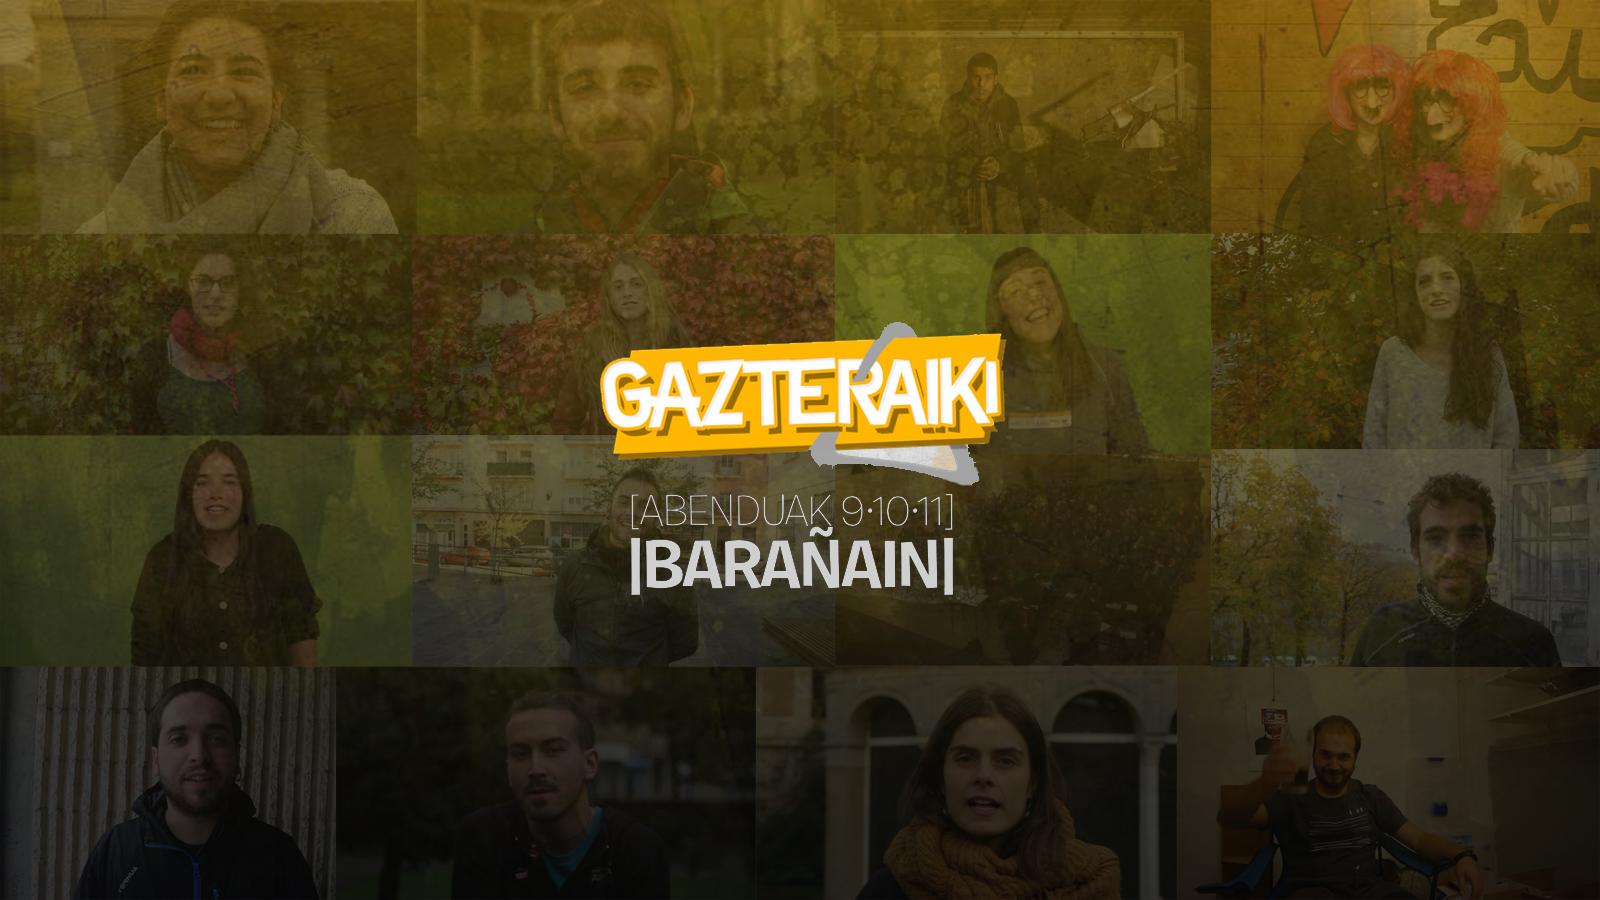 Arabatik #GaztEraiki: «Gure bizitzen eta etorkizunaren jabe izan nahi dugu»